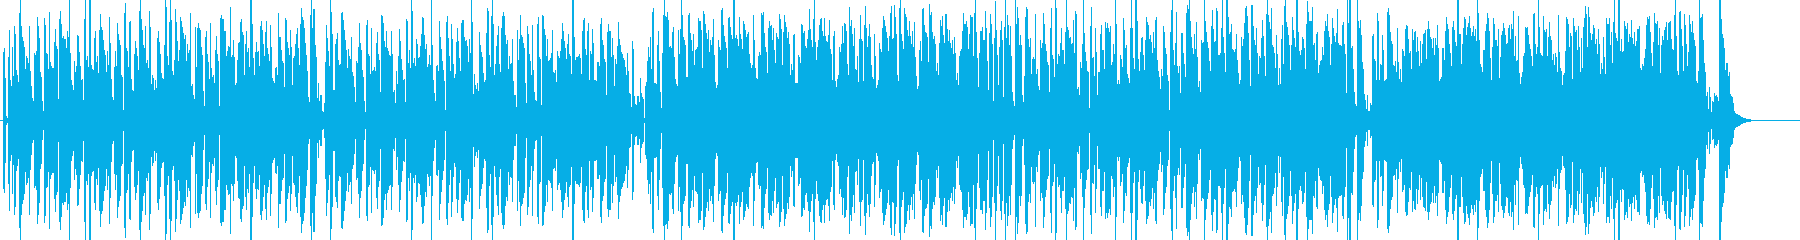 テクノ エッジー ナイト ホストクラブの再生済みの波形